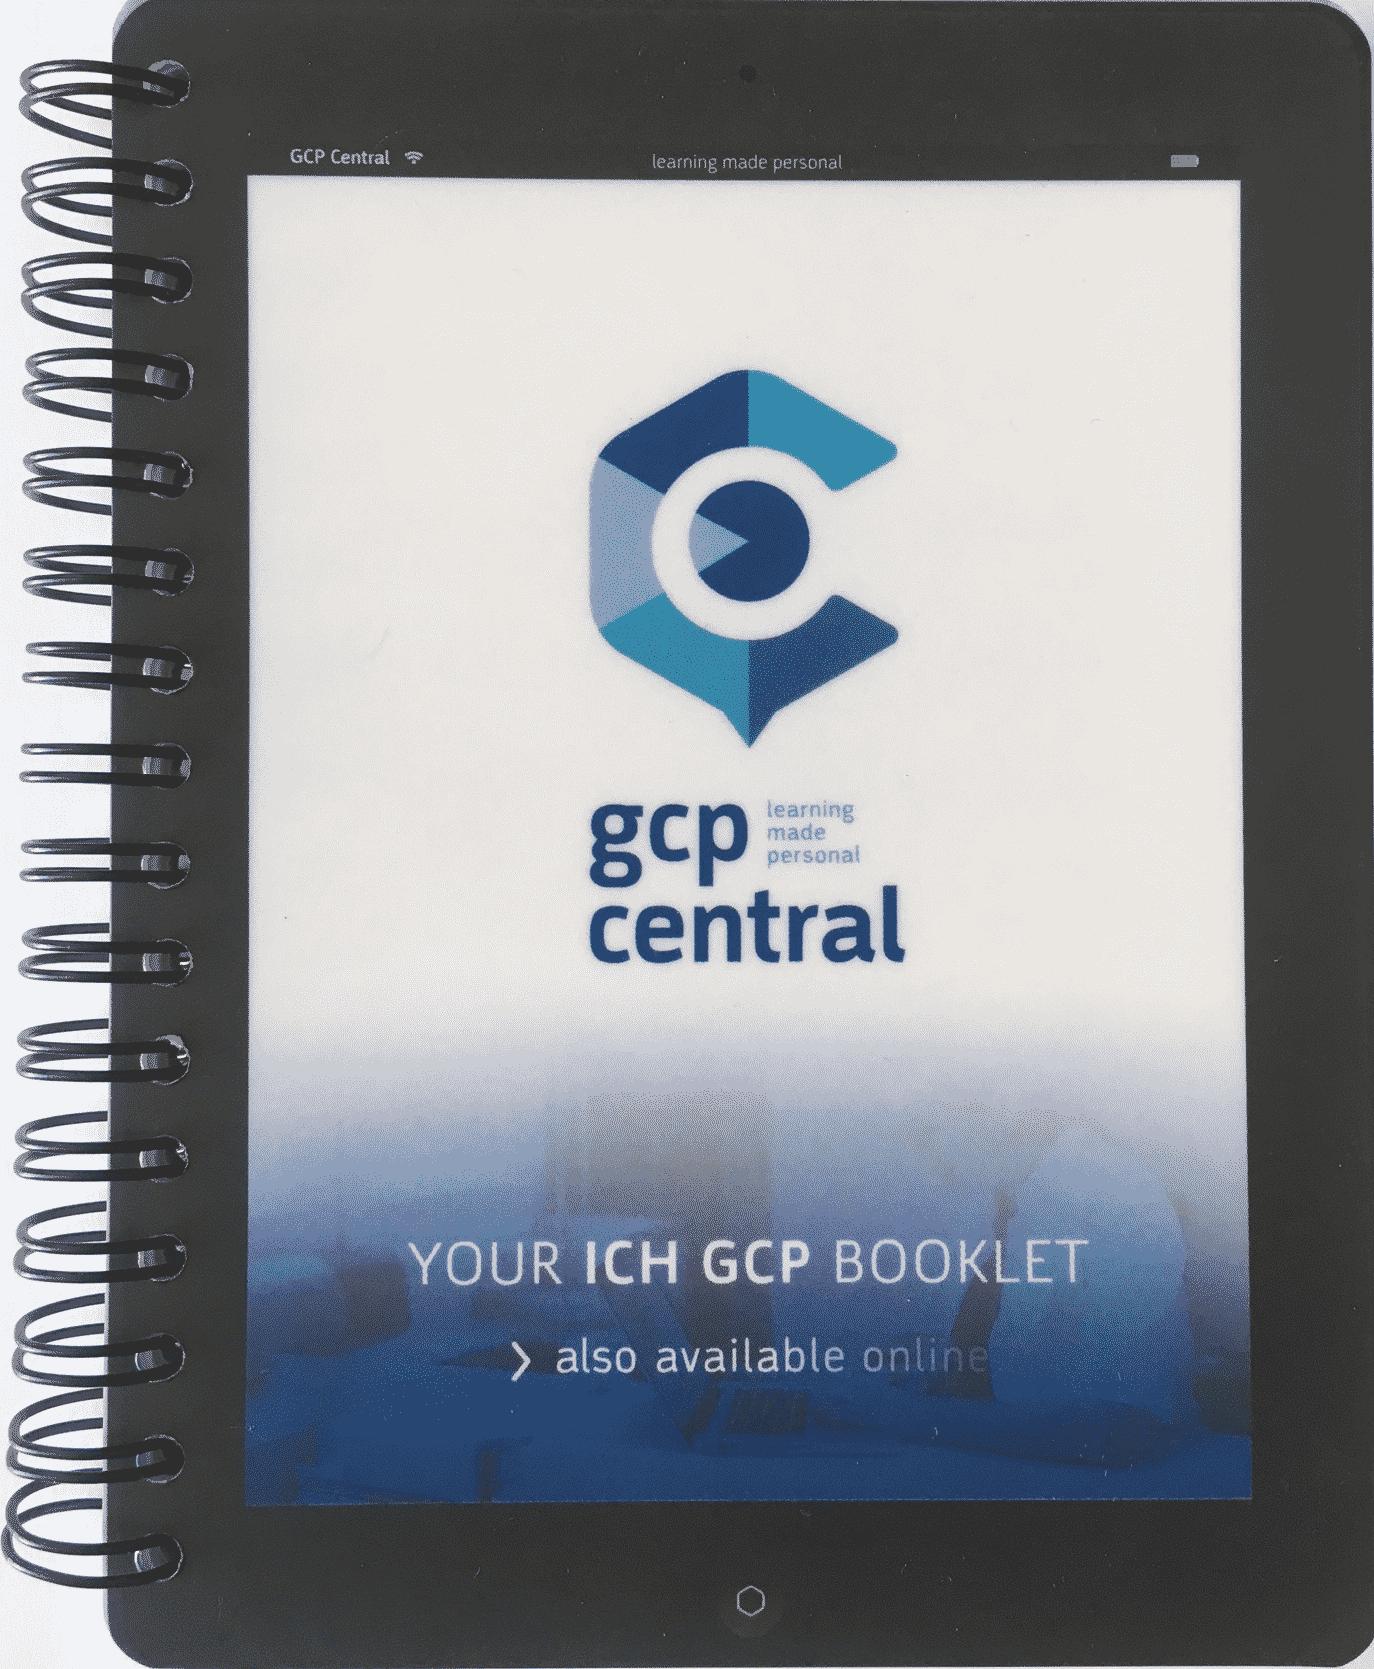 ICH-GCP booklet